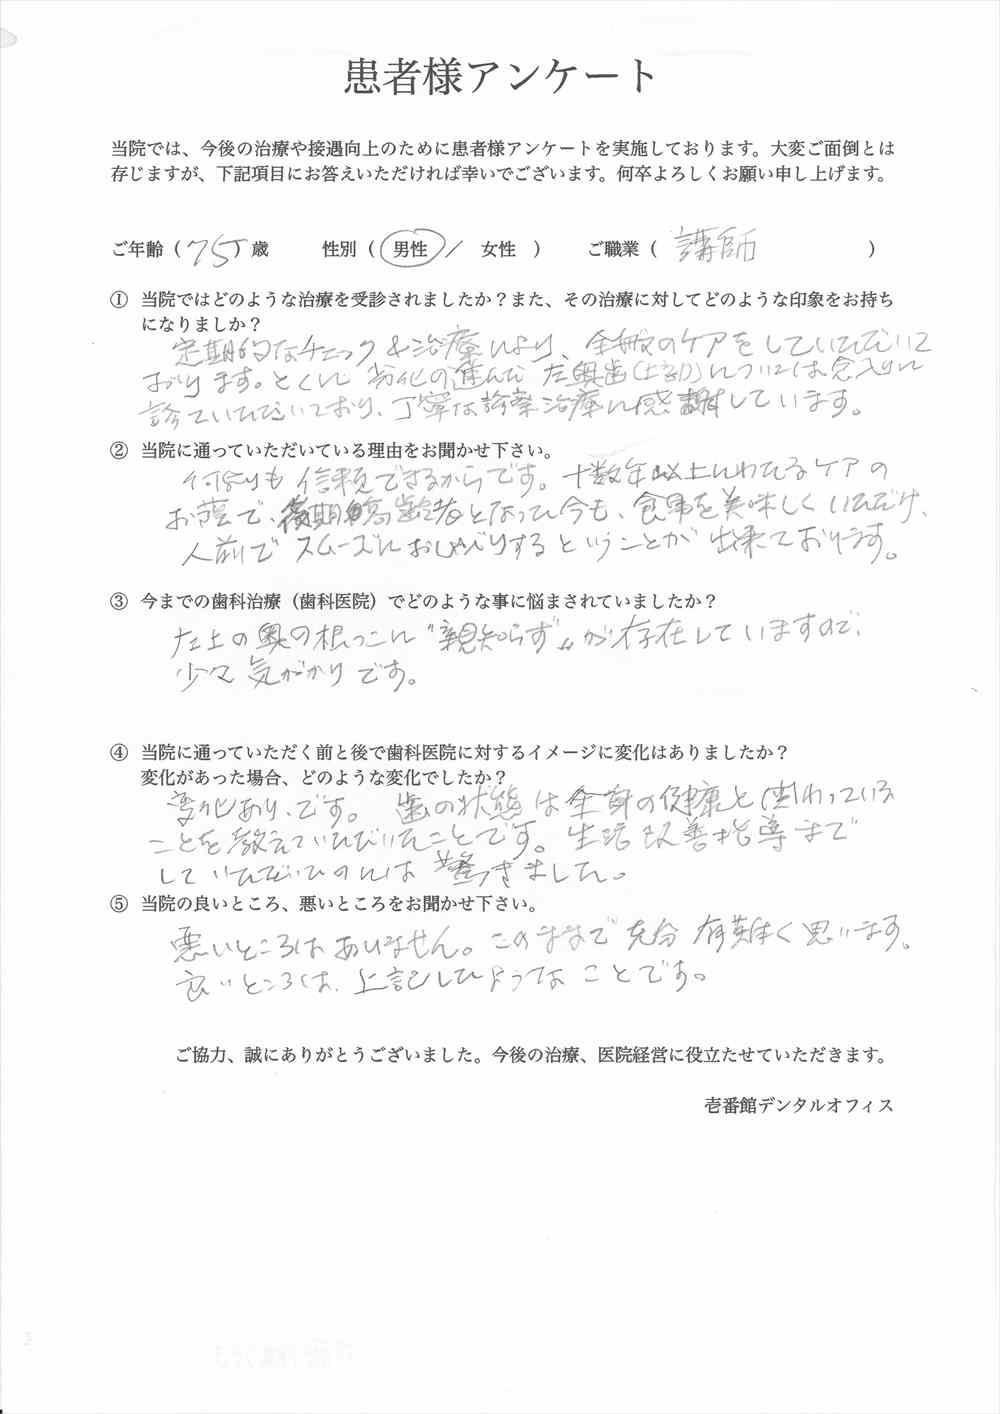 壱番館デンタルオフィス口コミ評判アンケート8